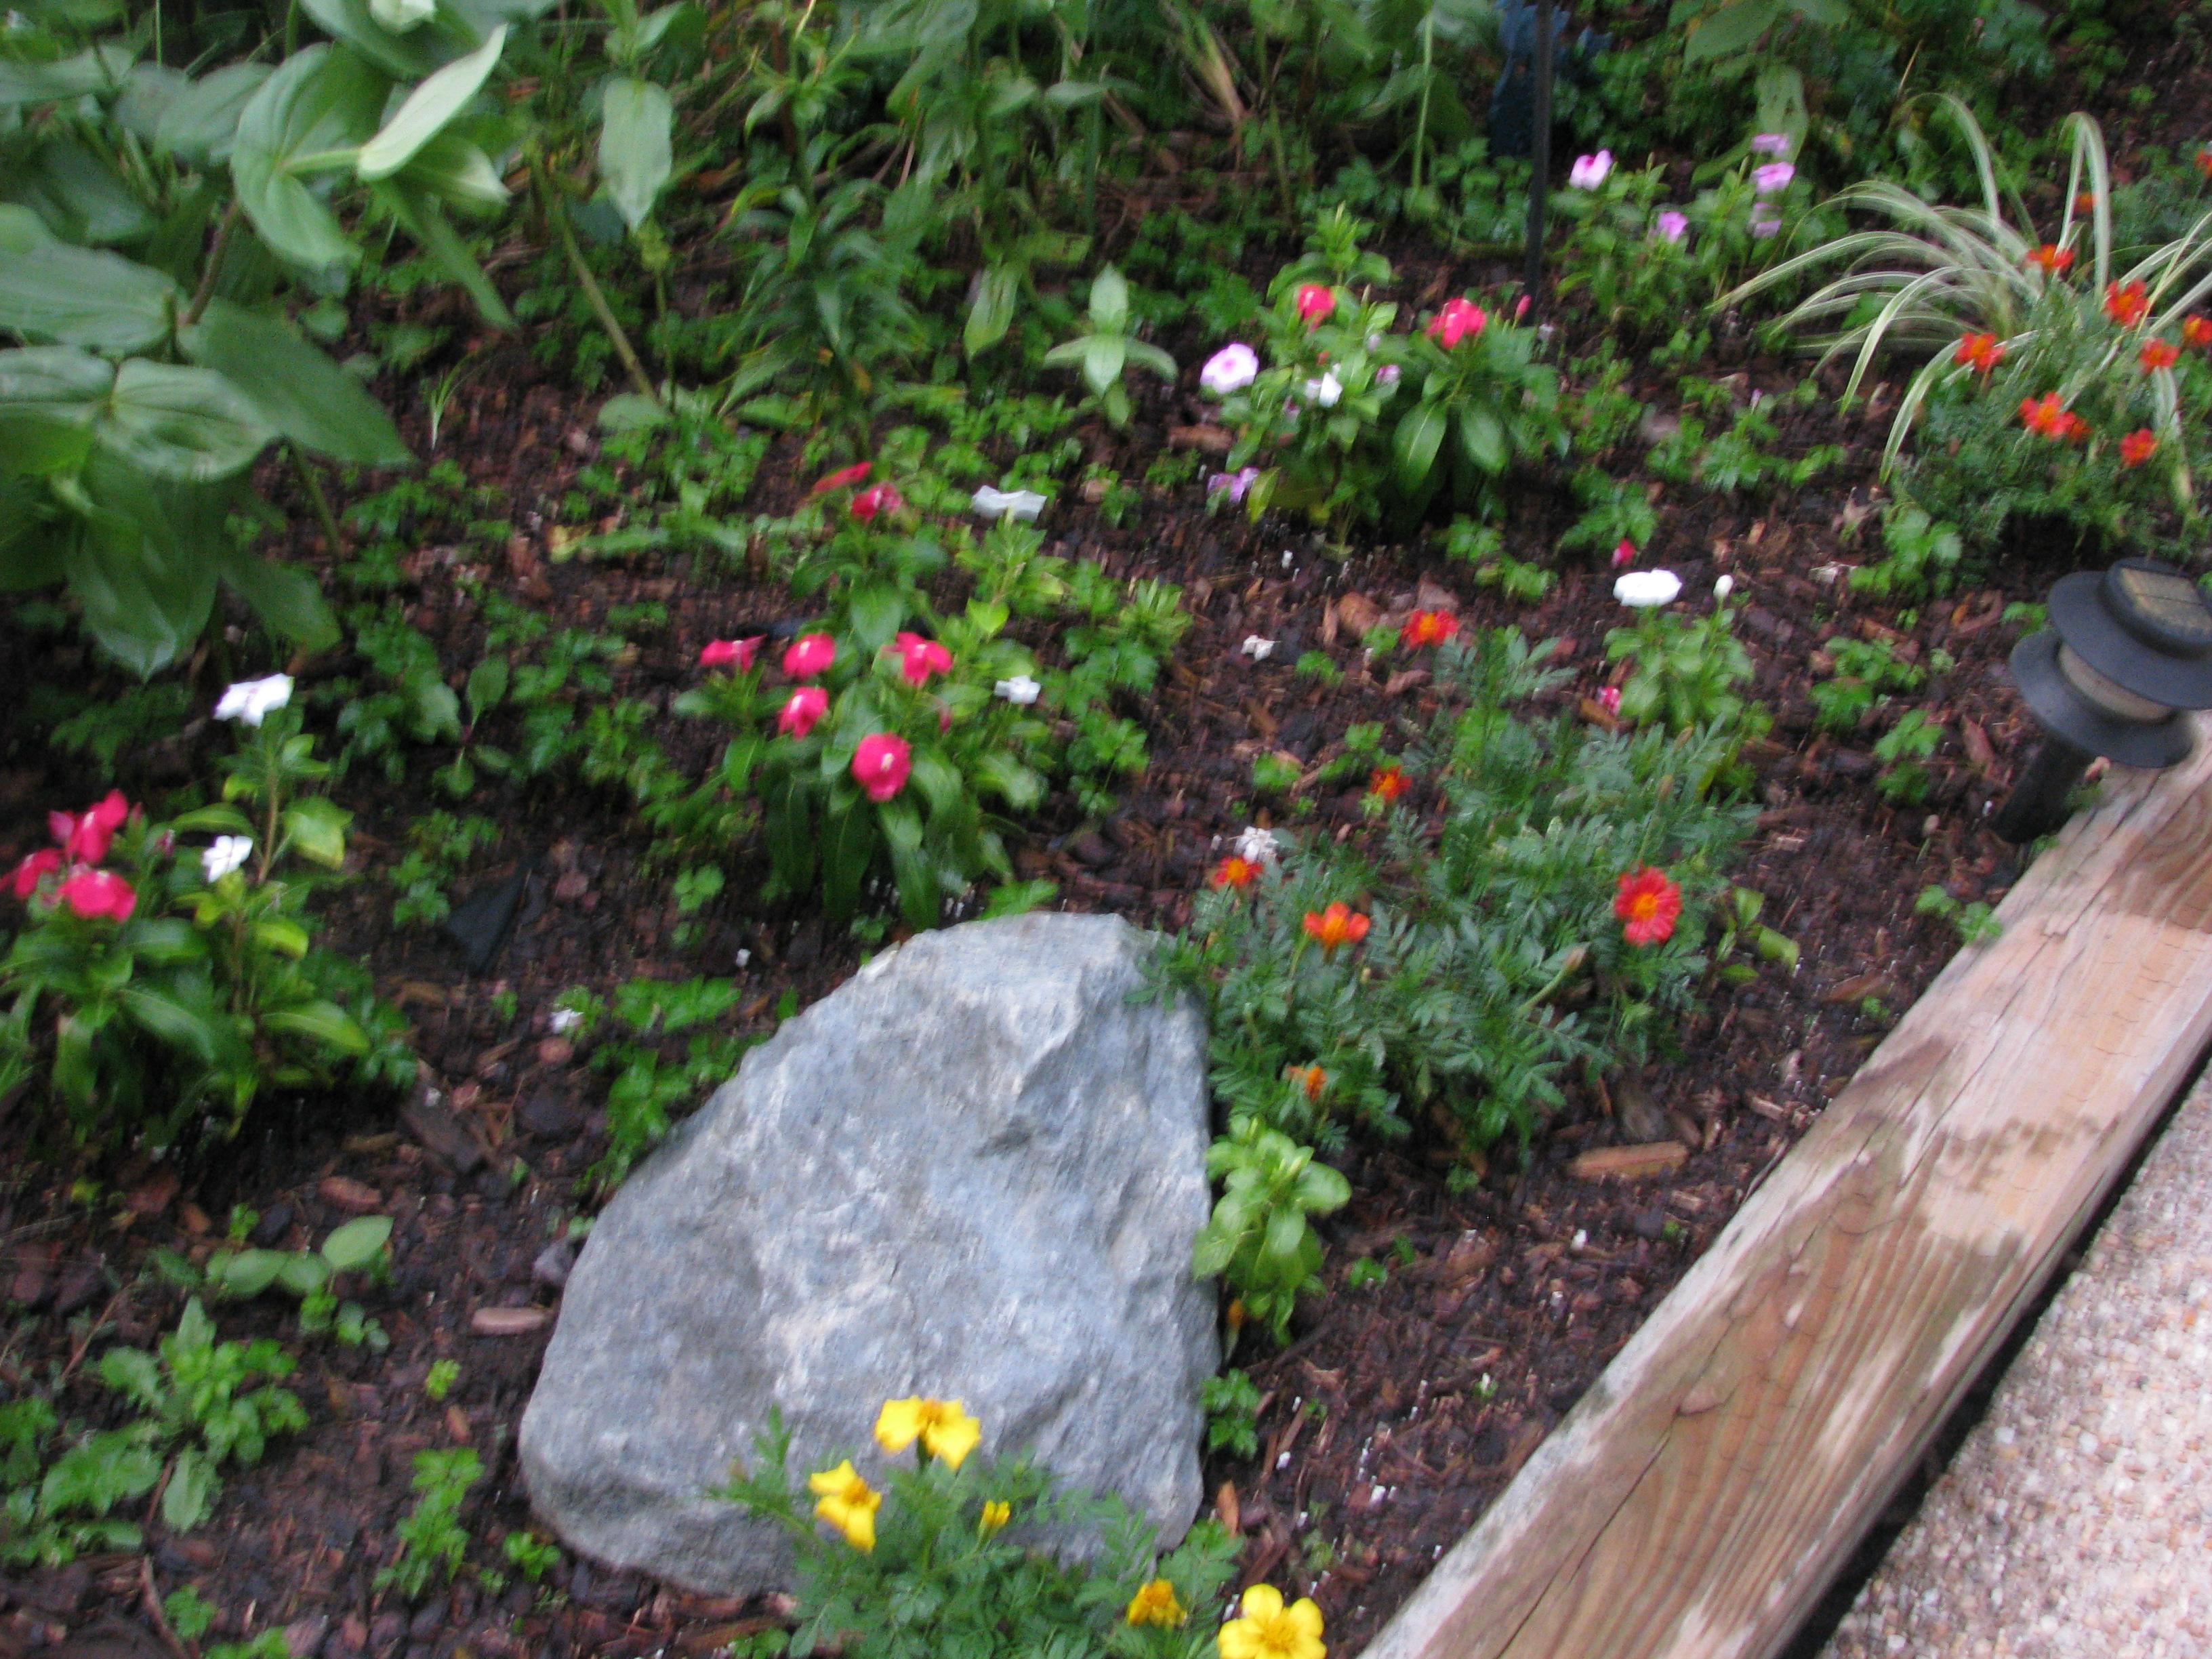 Tiny Garden Ideas small garden ideas design walkway garden walkway ideas design ideas pictures inspiration and decor Garden Ideas For A Small Garden